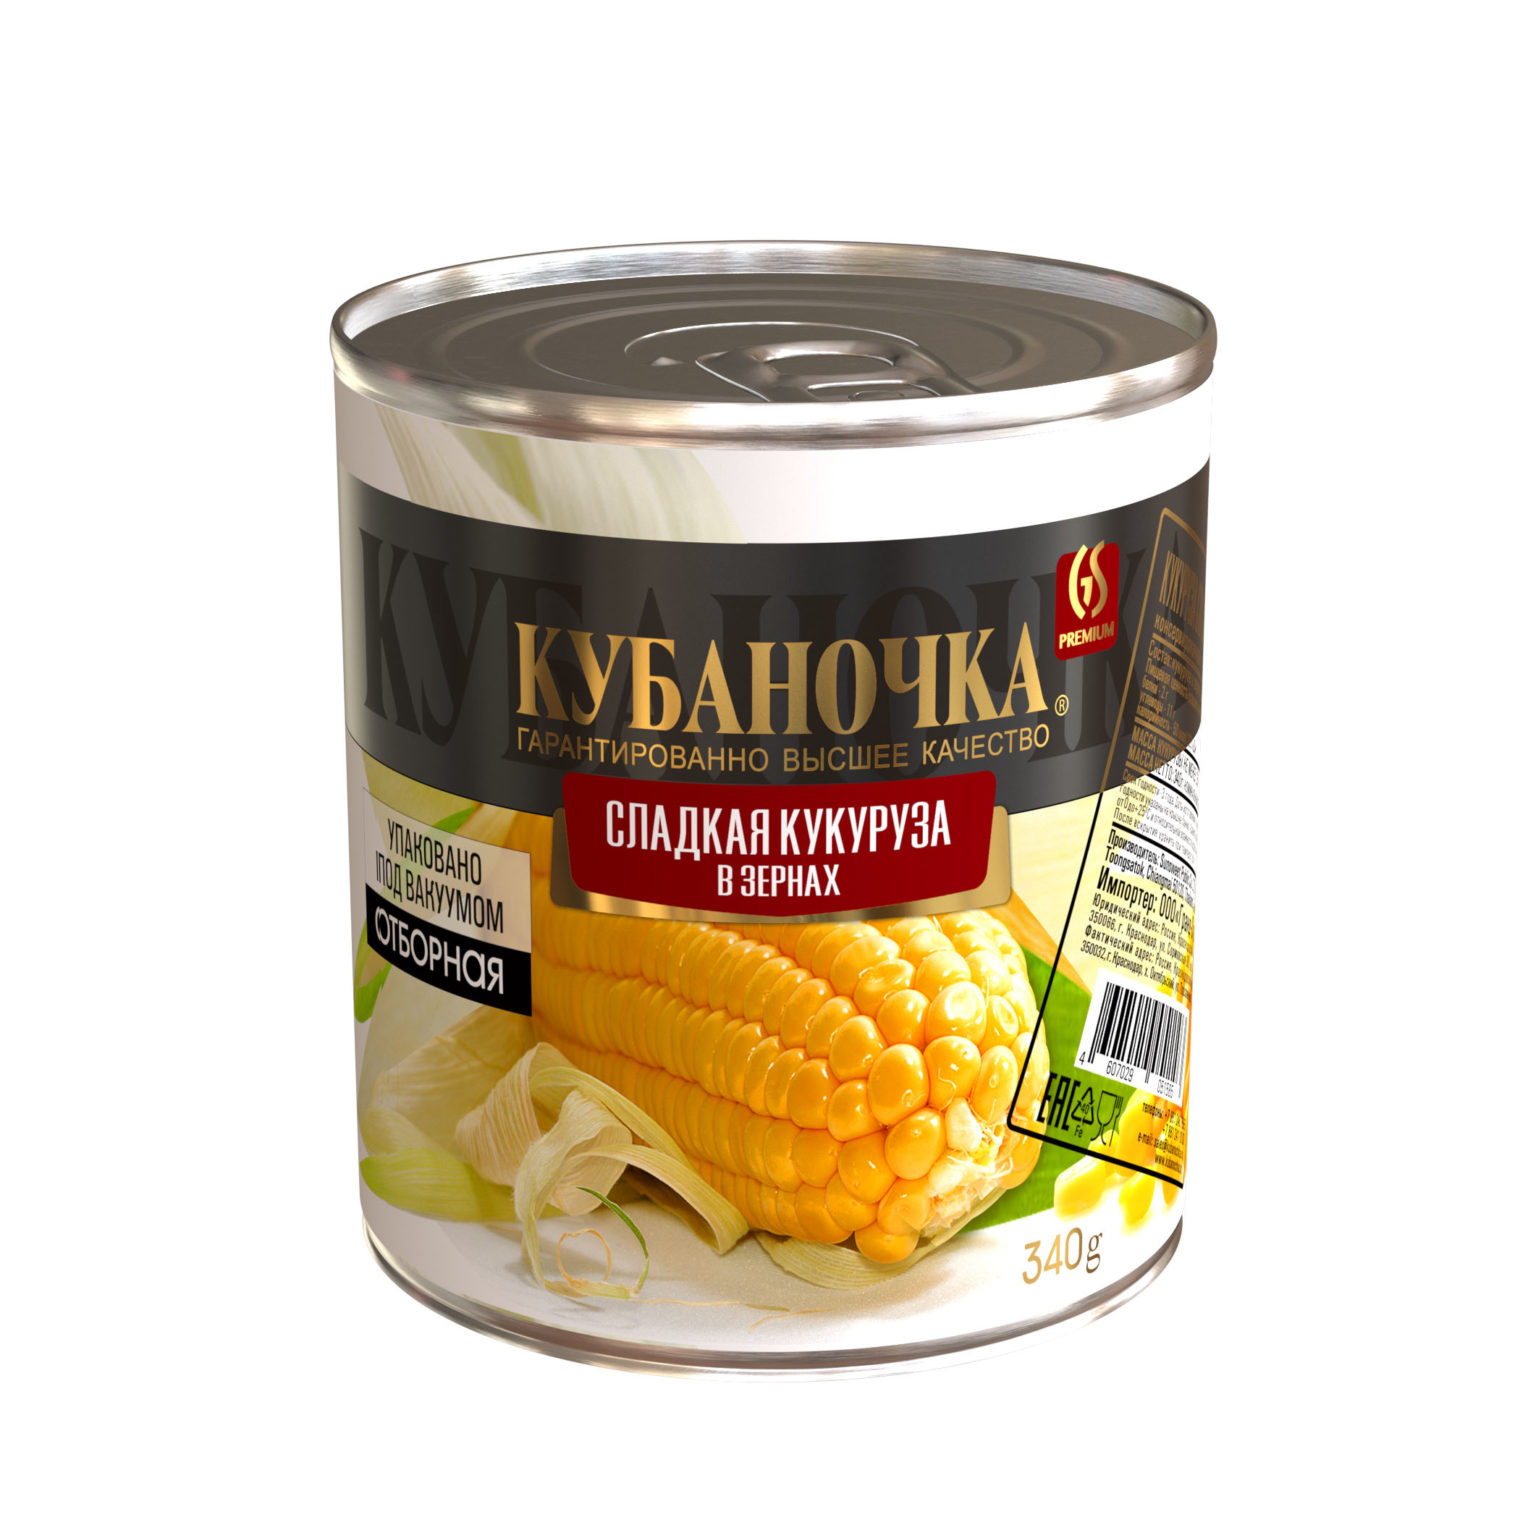 Сладкая кукуруза, Масса: 340 г